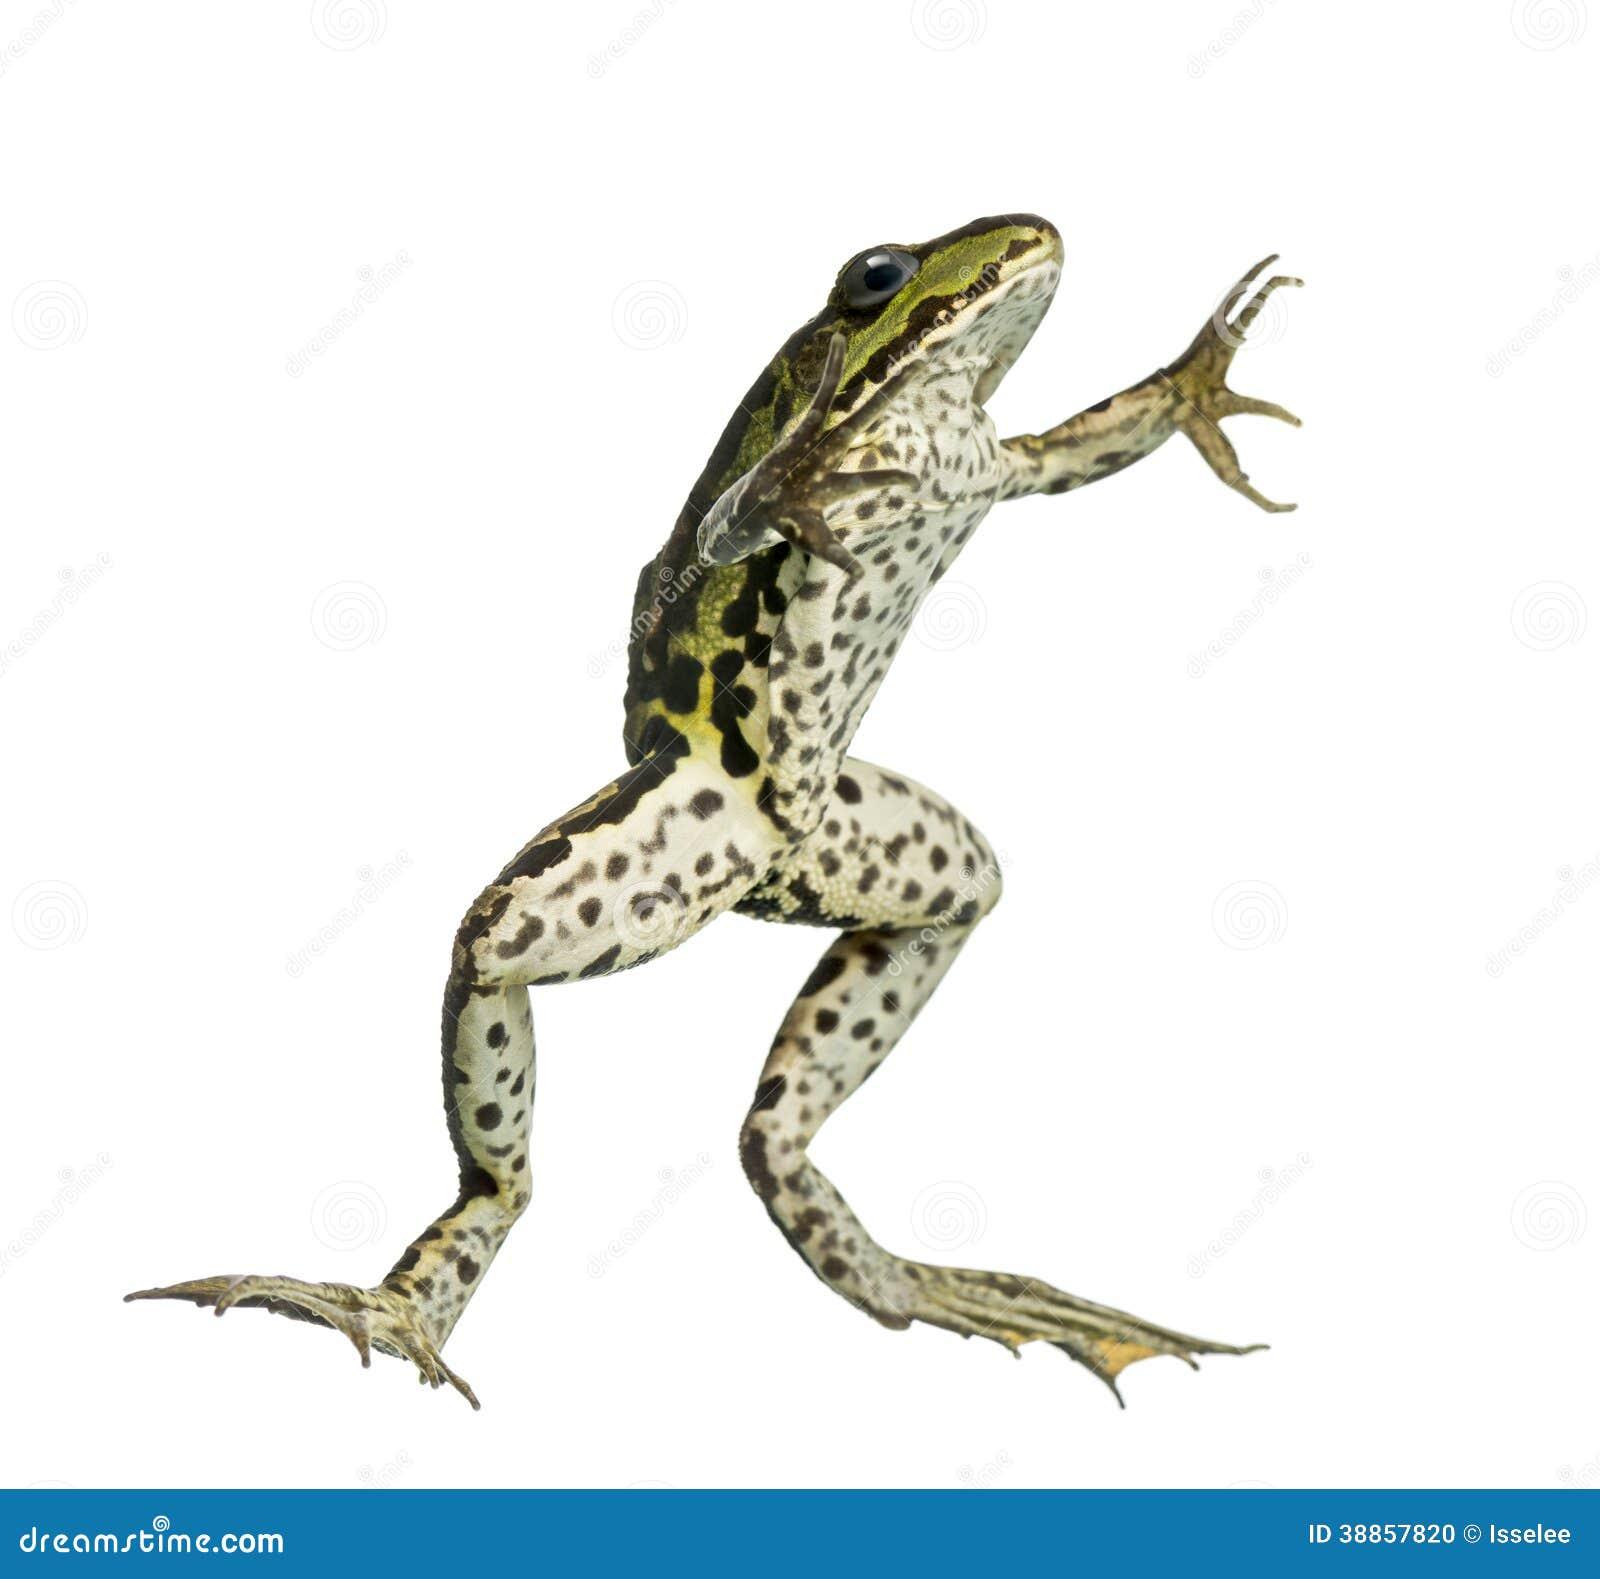 从下面被观看的可食的青蛙,游泳, pelophylax kl.图片